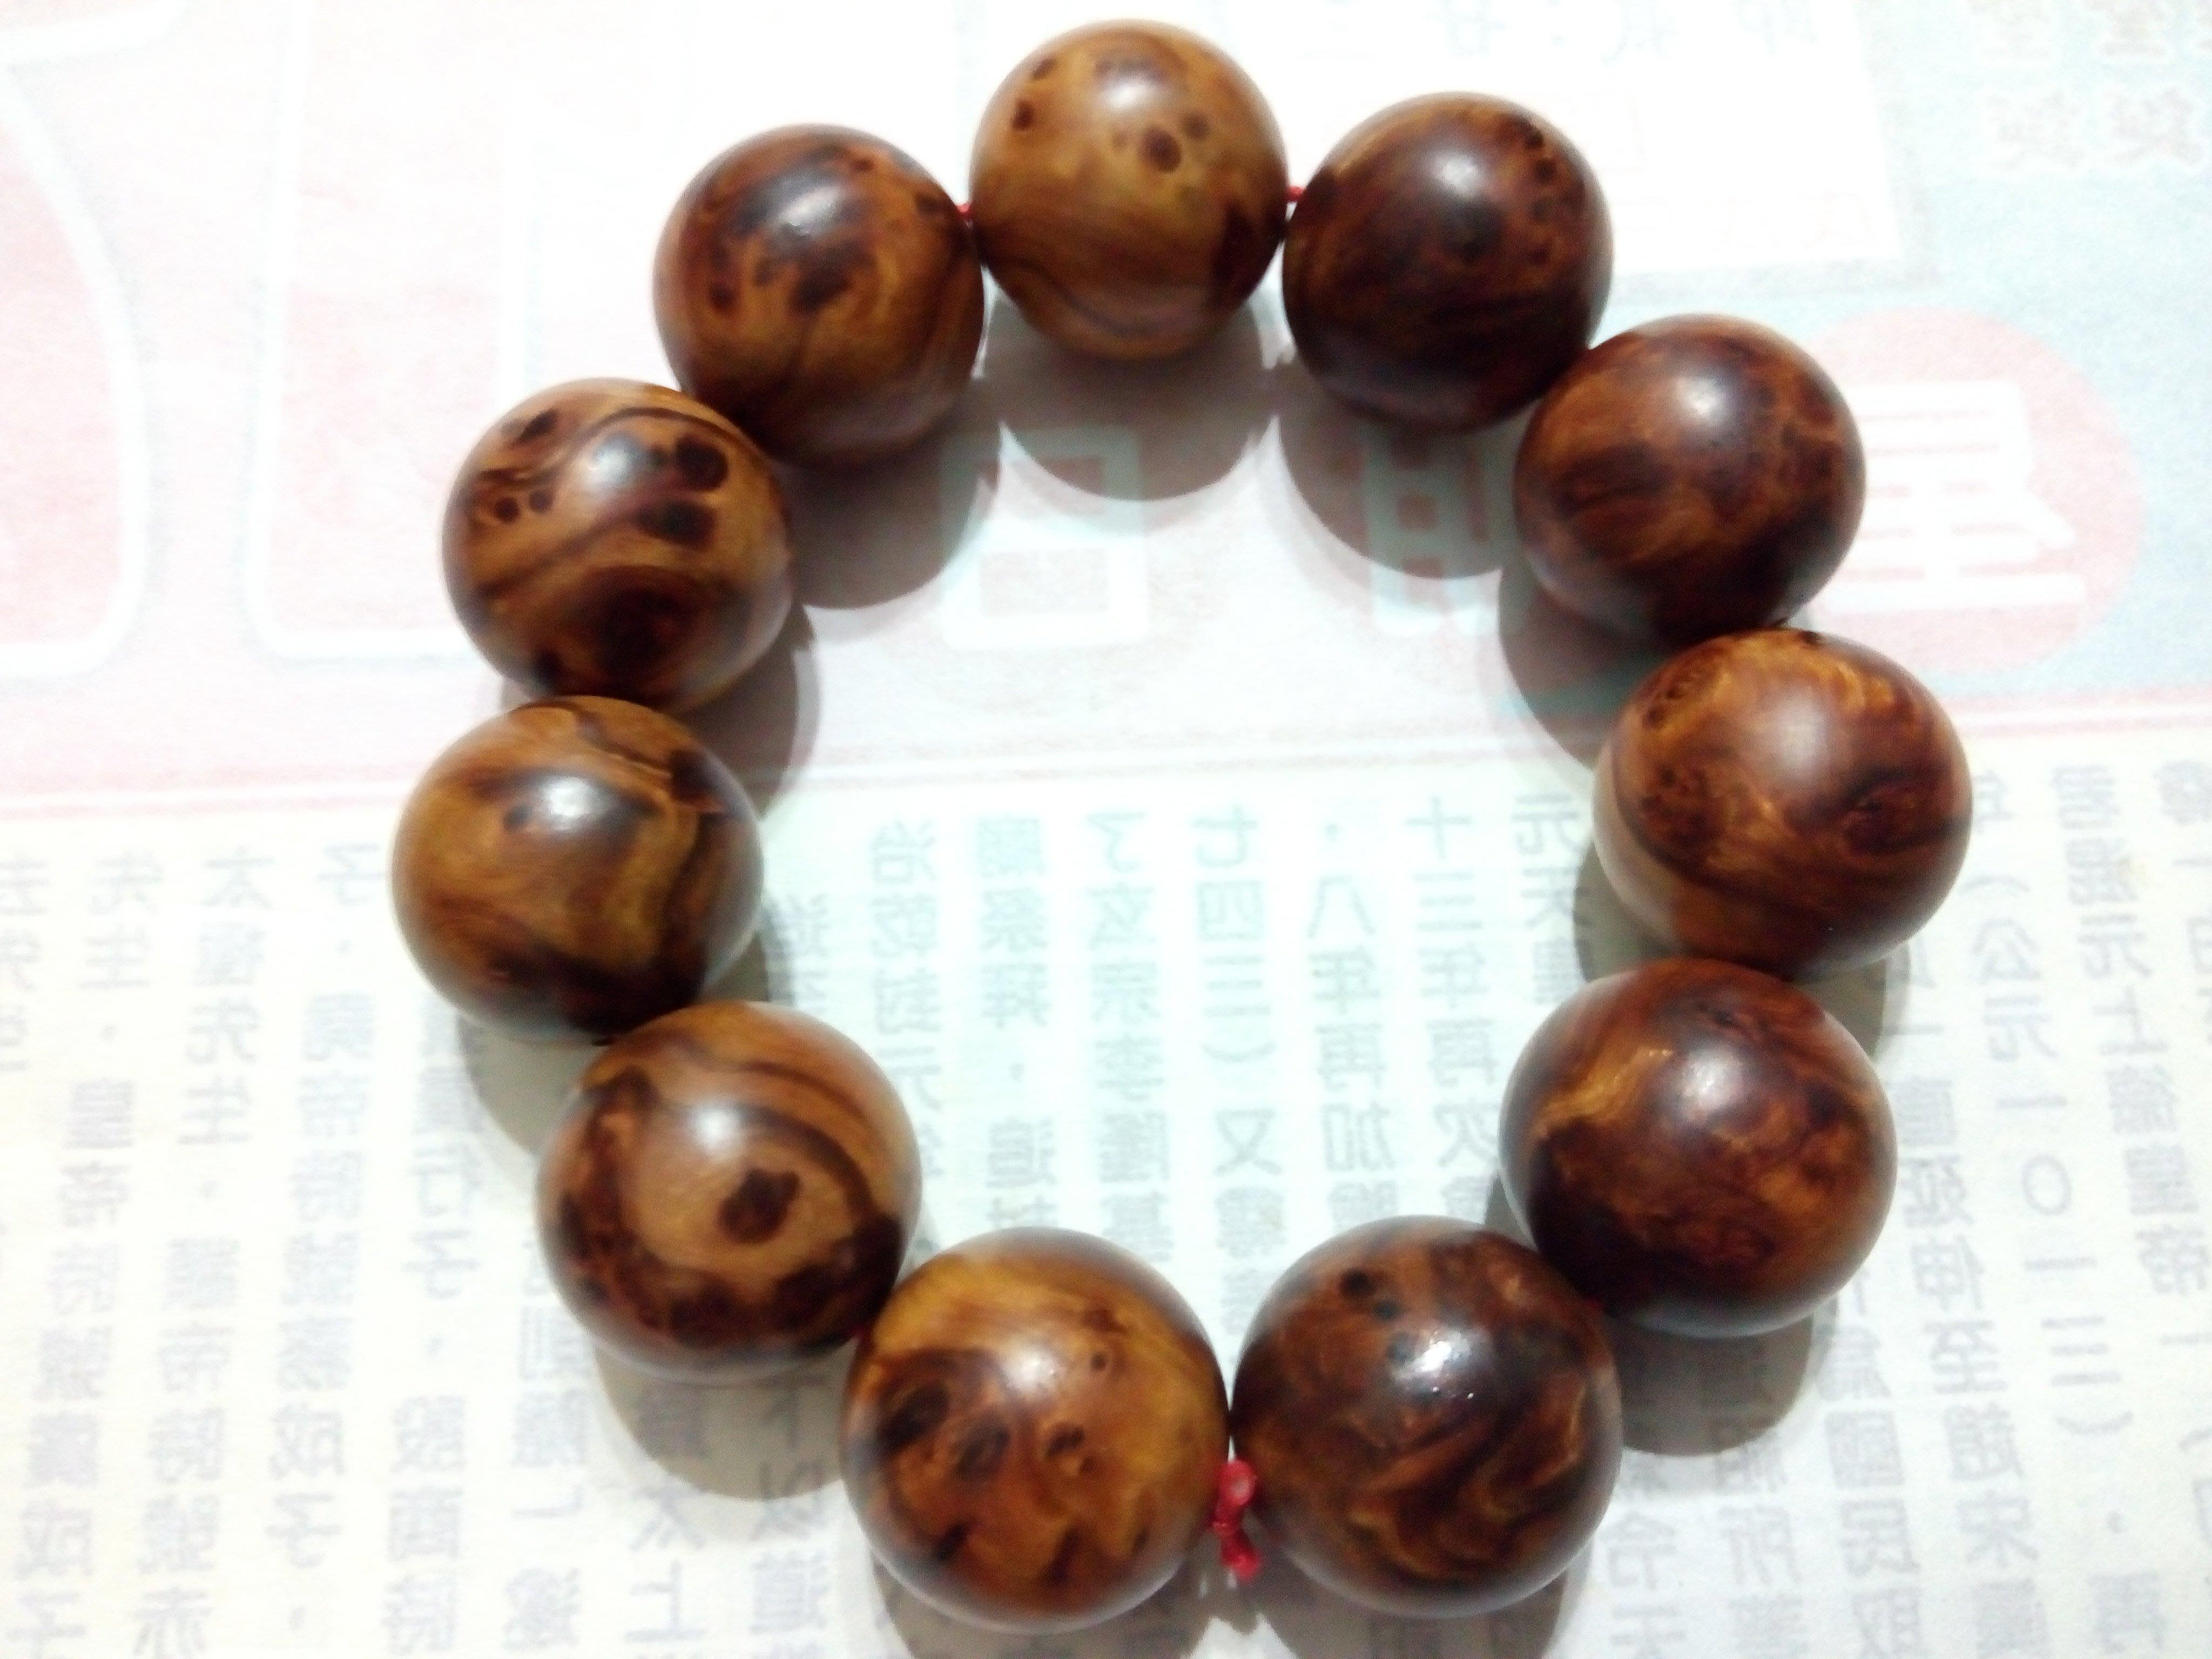 【九龍藝品】肖楠釘子瘤     油酯豐厚油亮 ~值得珍藏~ 20mm*11顆    (9)